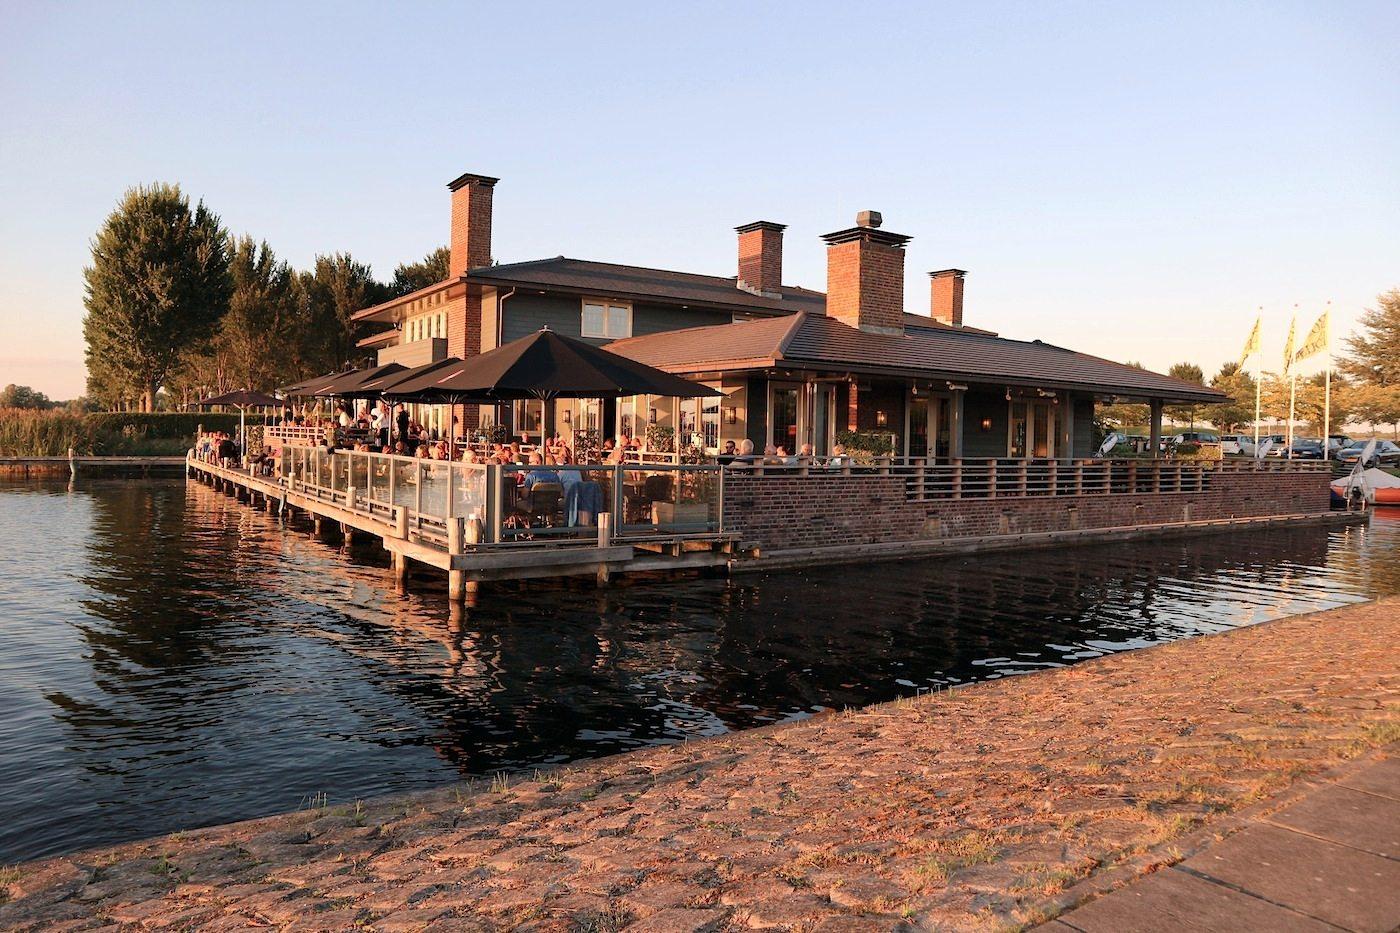 Boat House.  Unsere Empfehlung für gute Küche und als Ausklang eines Almere-Erkundungstages.